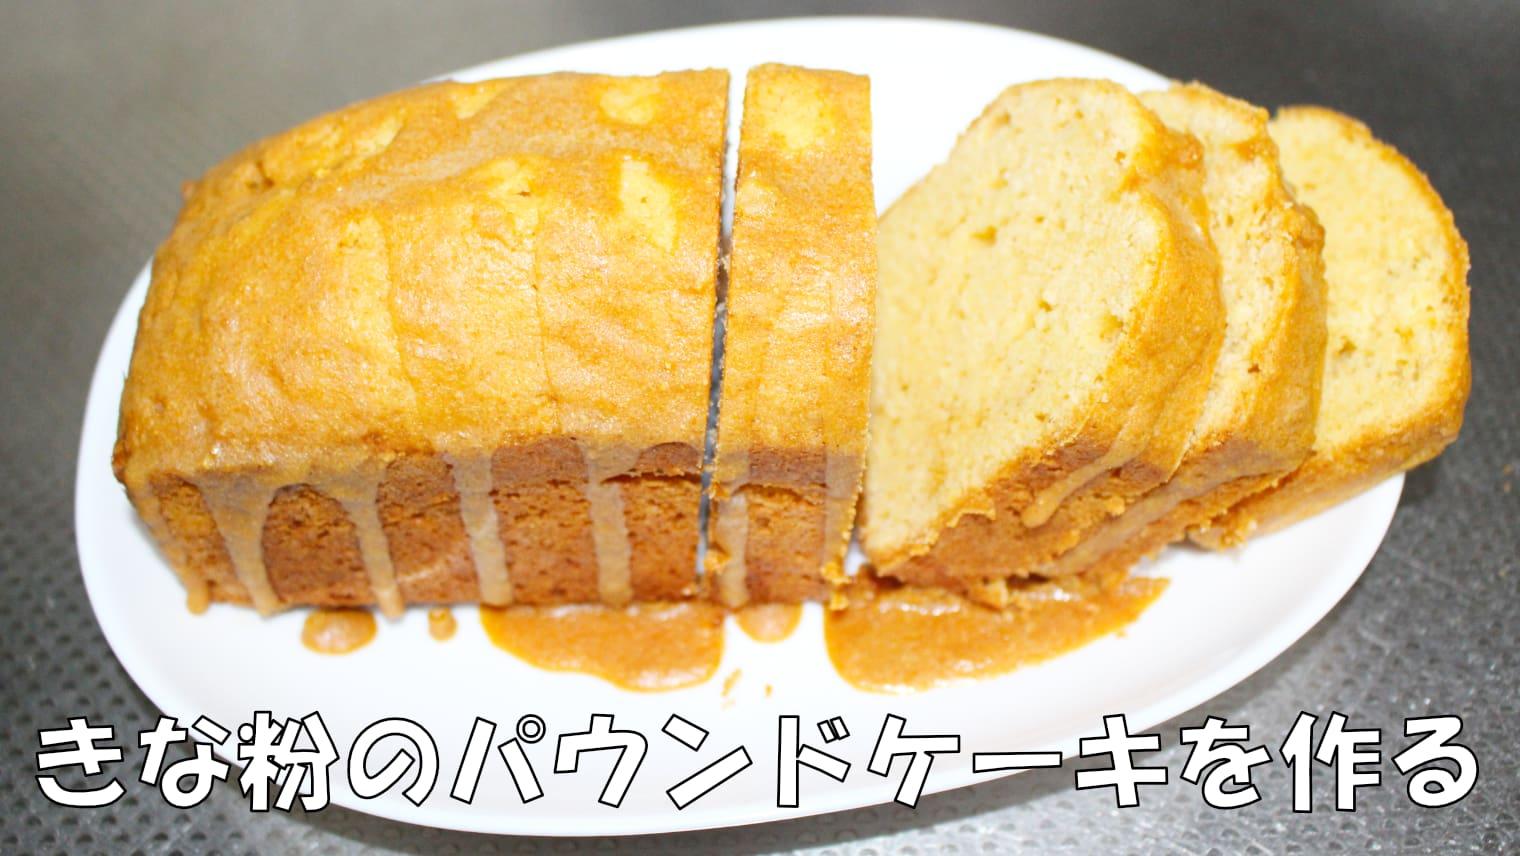 簡単!「きな粉のパウンドケーキ」レシピ